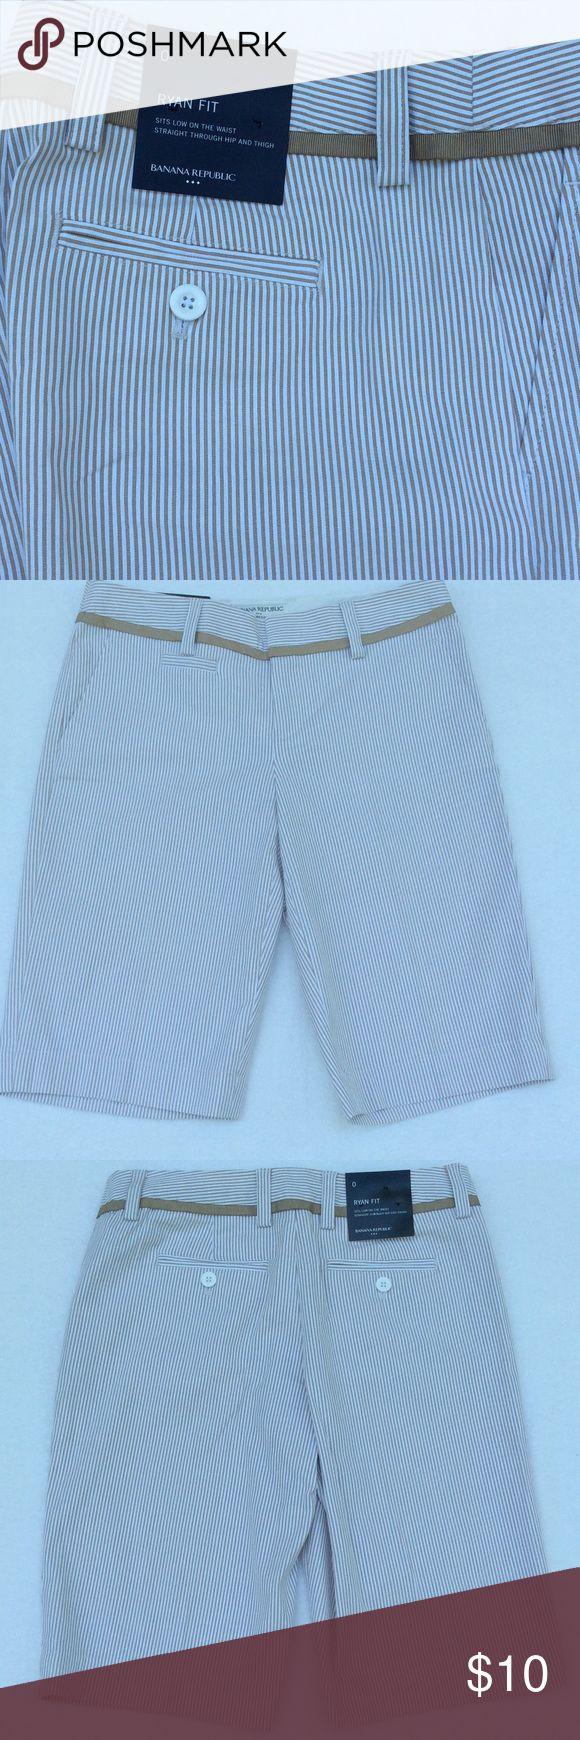 BANANA REPUBLIC PINSTRIPED SHORTS Banana Republic Tan Pinstriped Shorts ➖ Ryan Fit ➖ 97% Cotton 3% Spandex Banana Republic Shorts Bermudas